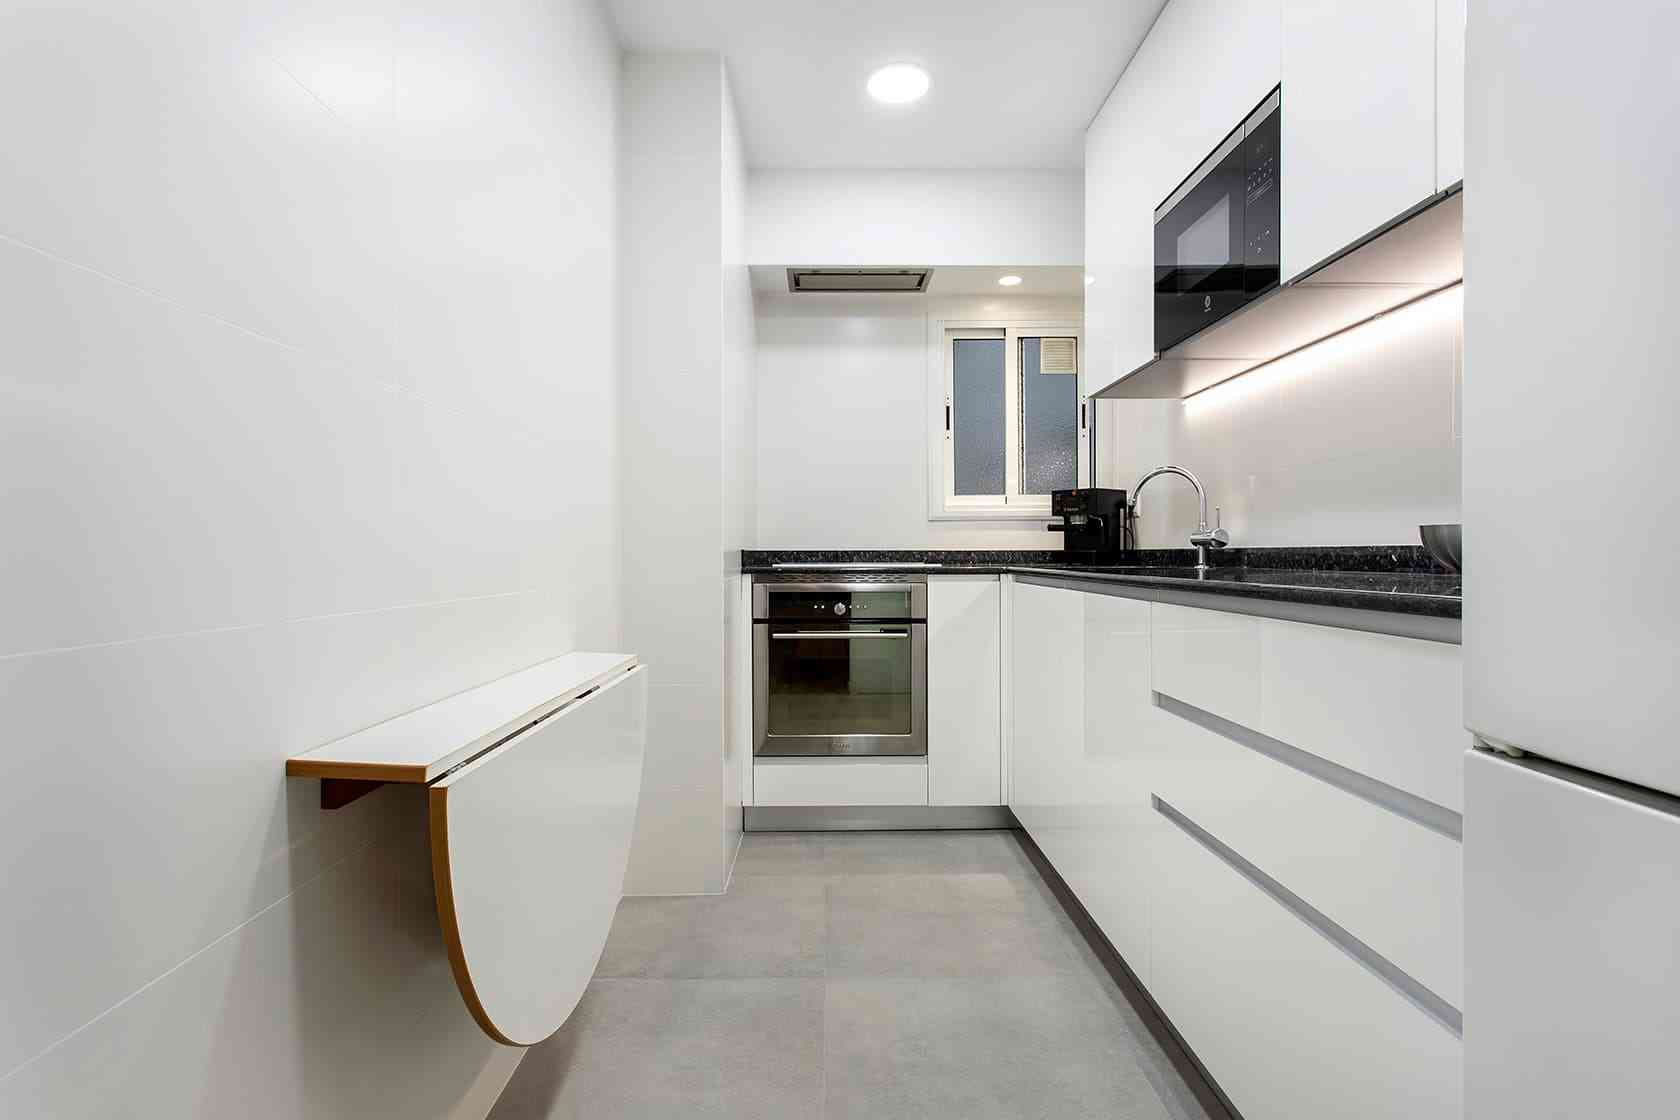 Consejos para reformar una cocina y optimizar su espacio 6